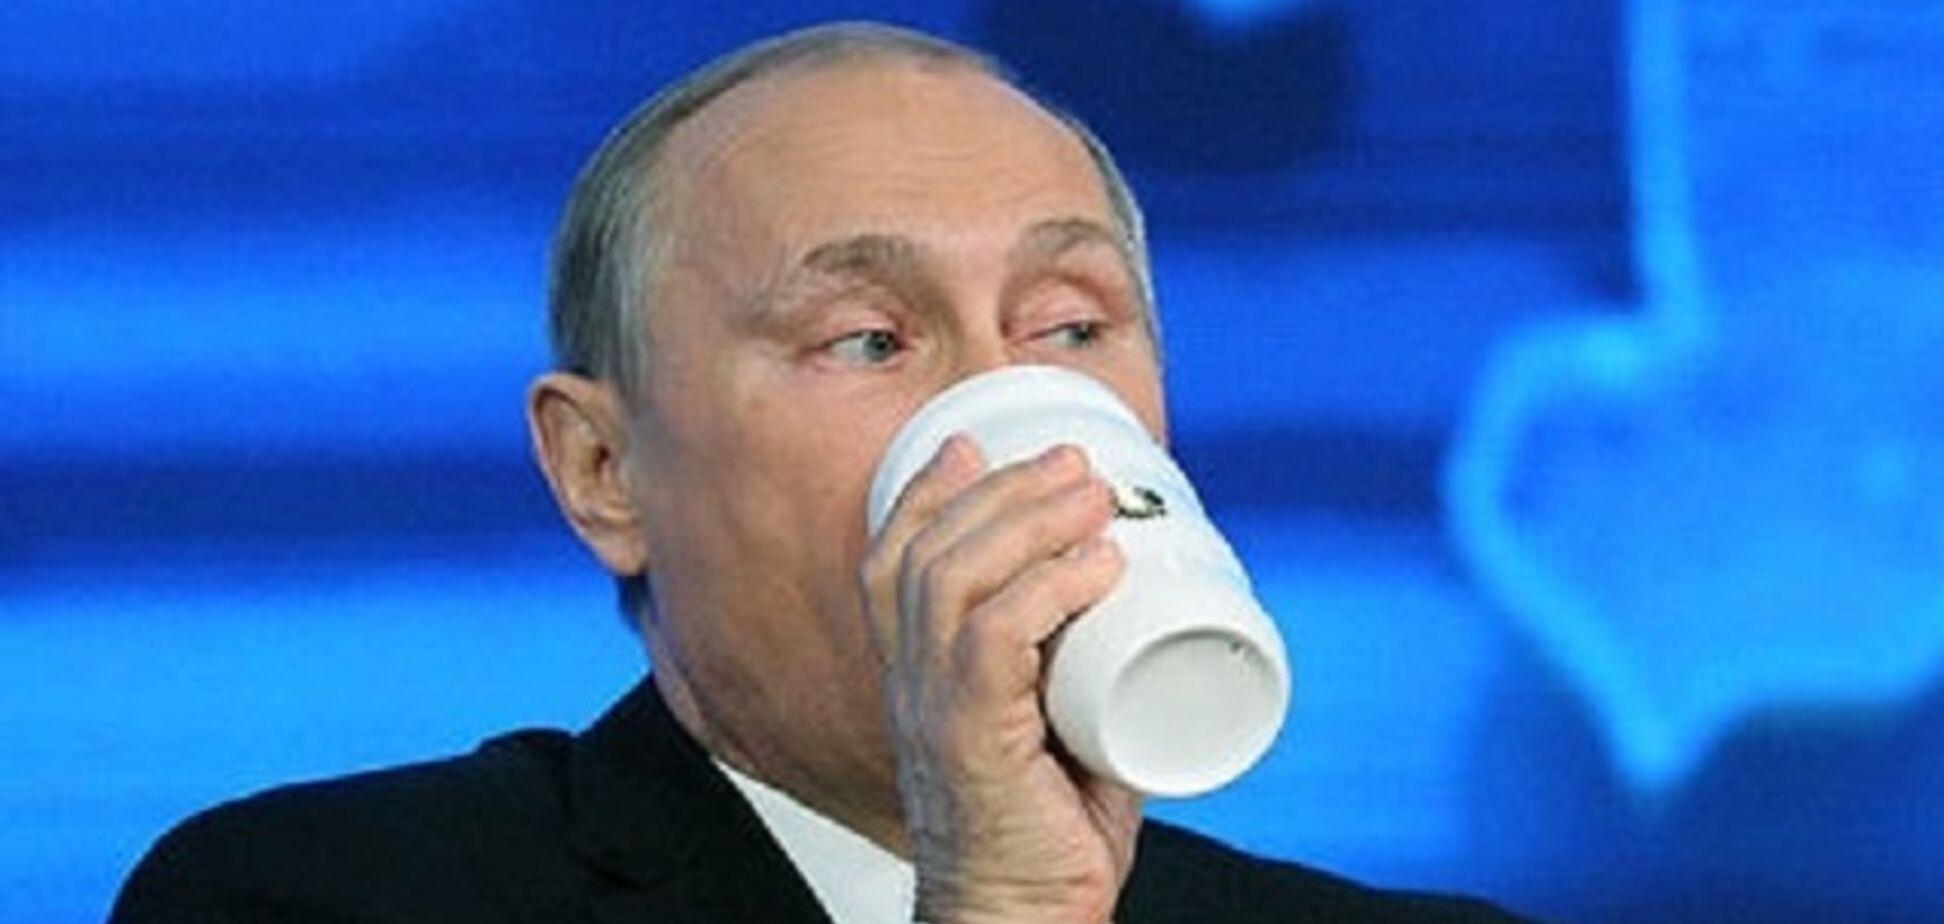 Боїться отруєння? Путін прийшов на 'Пряму лінію' зі знаменитим аксесуаром